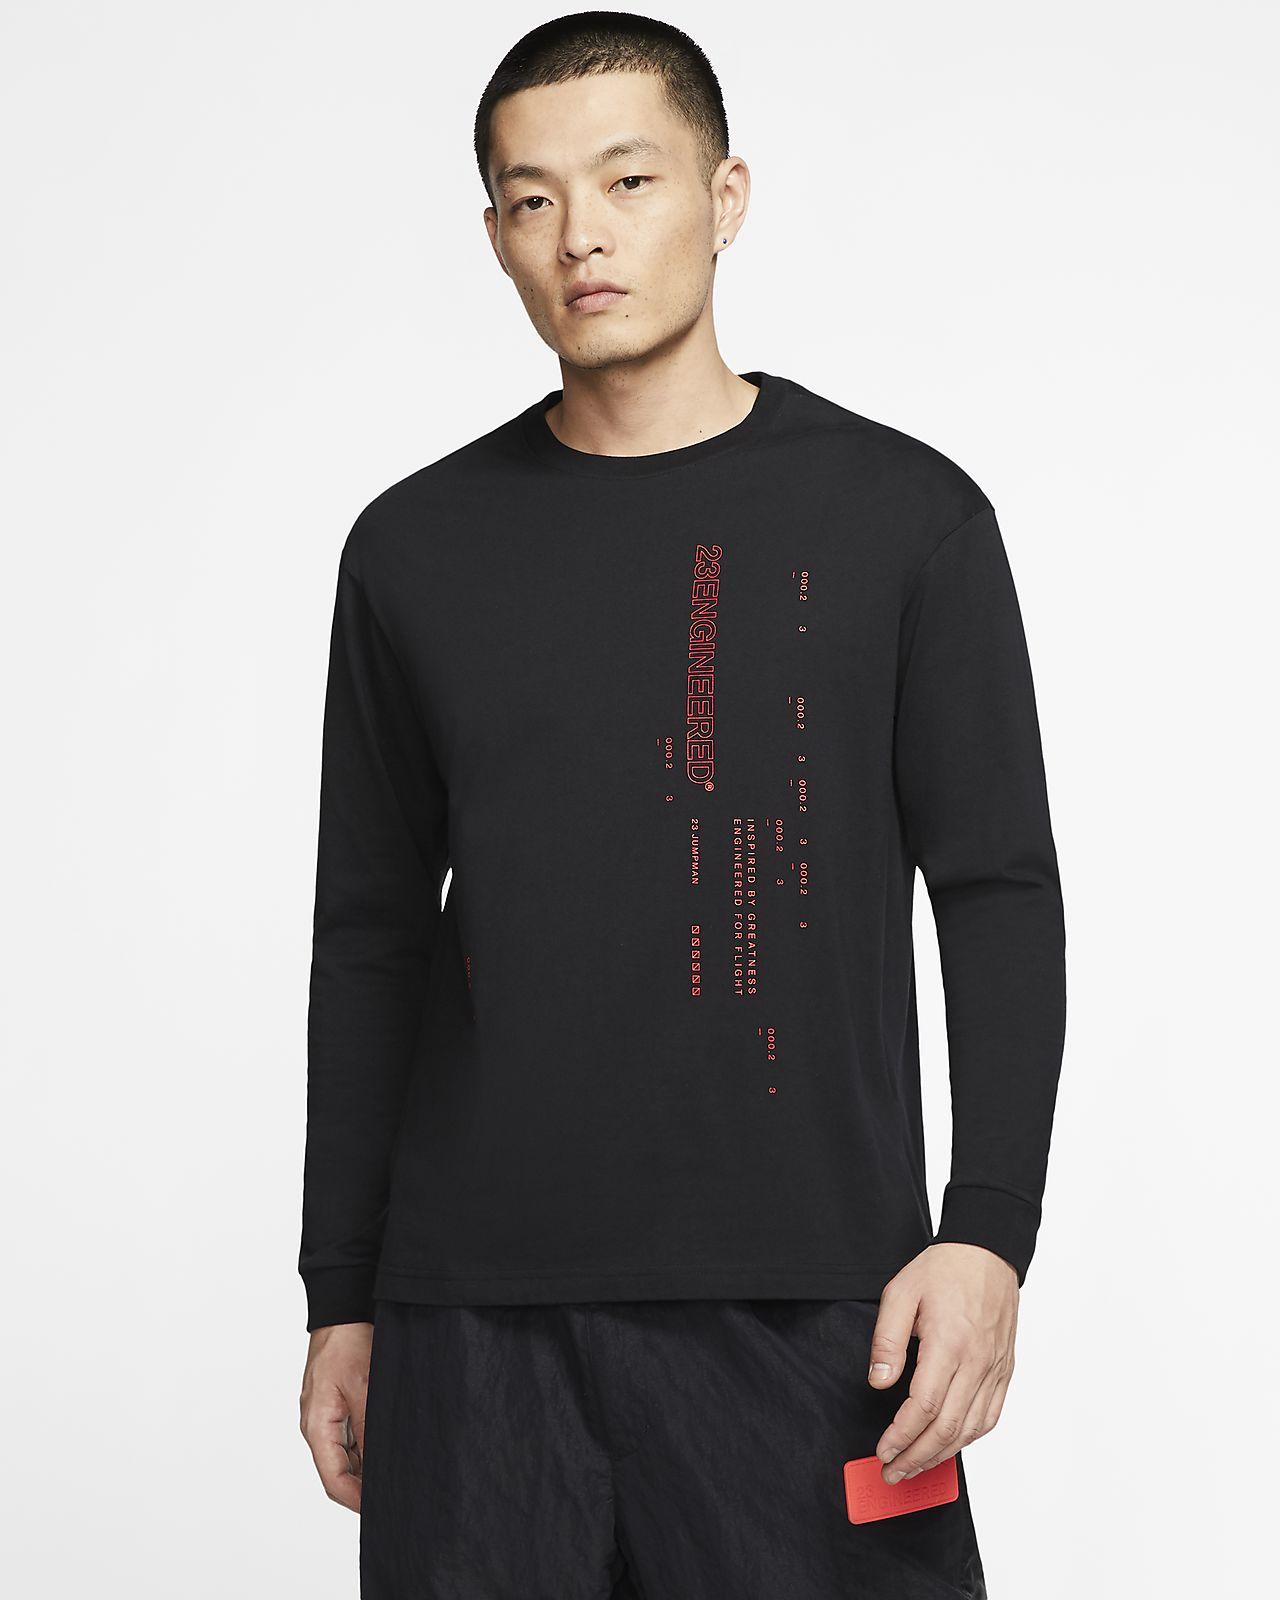 Jordan 23 Engineered 男子长袖T恤